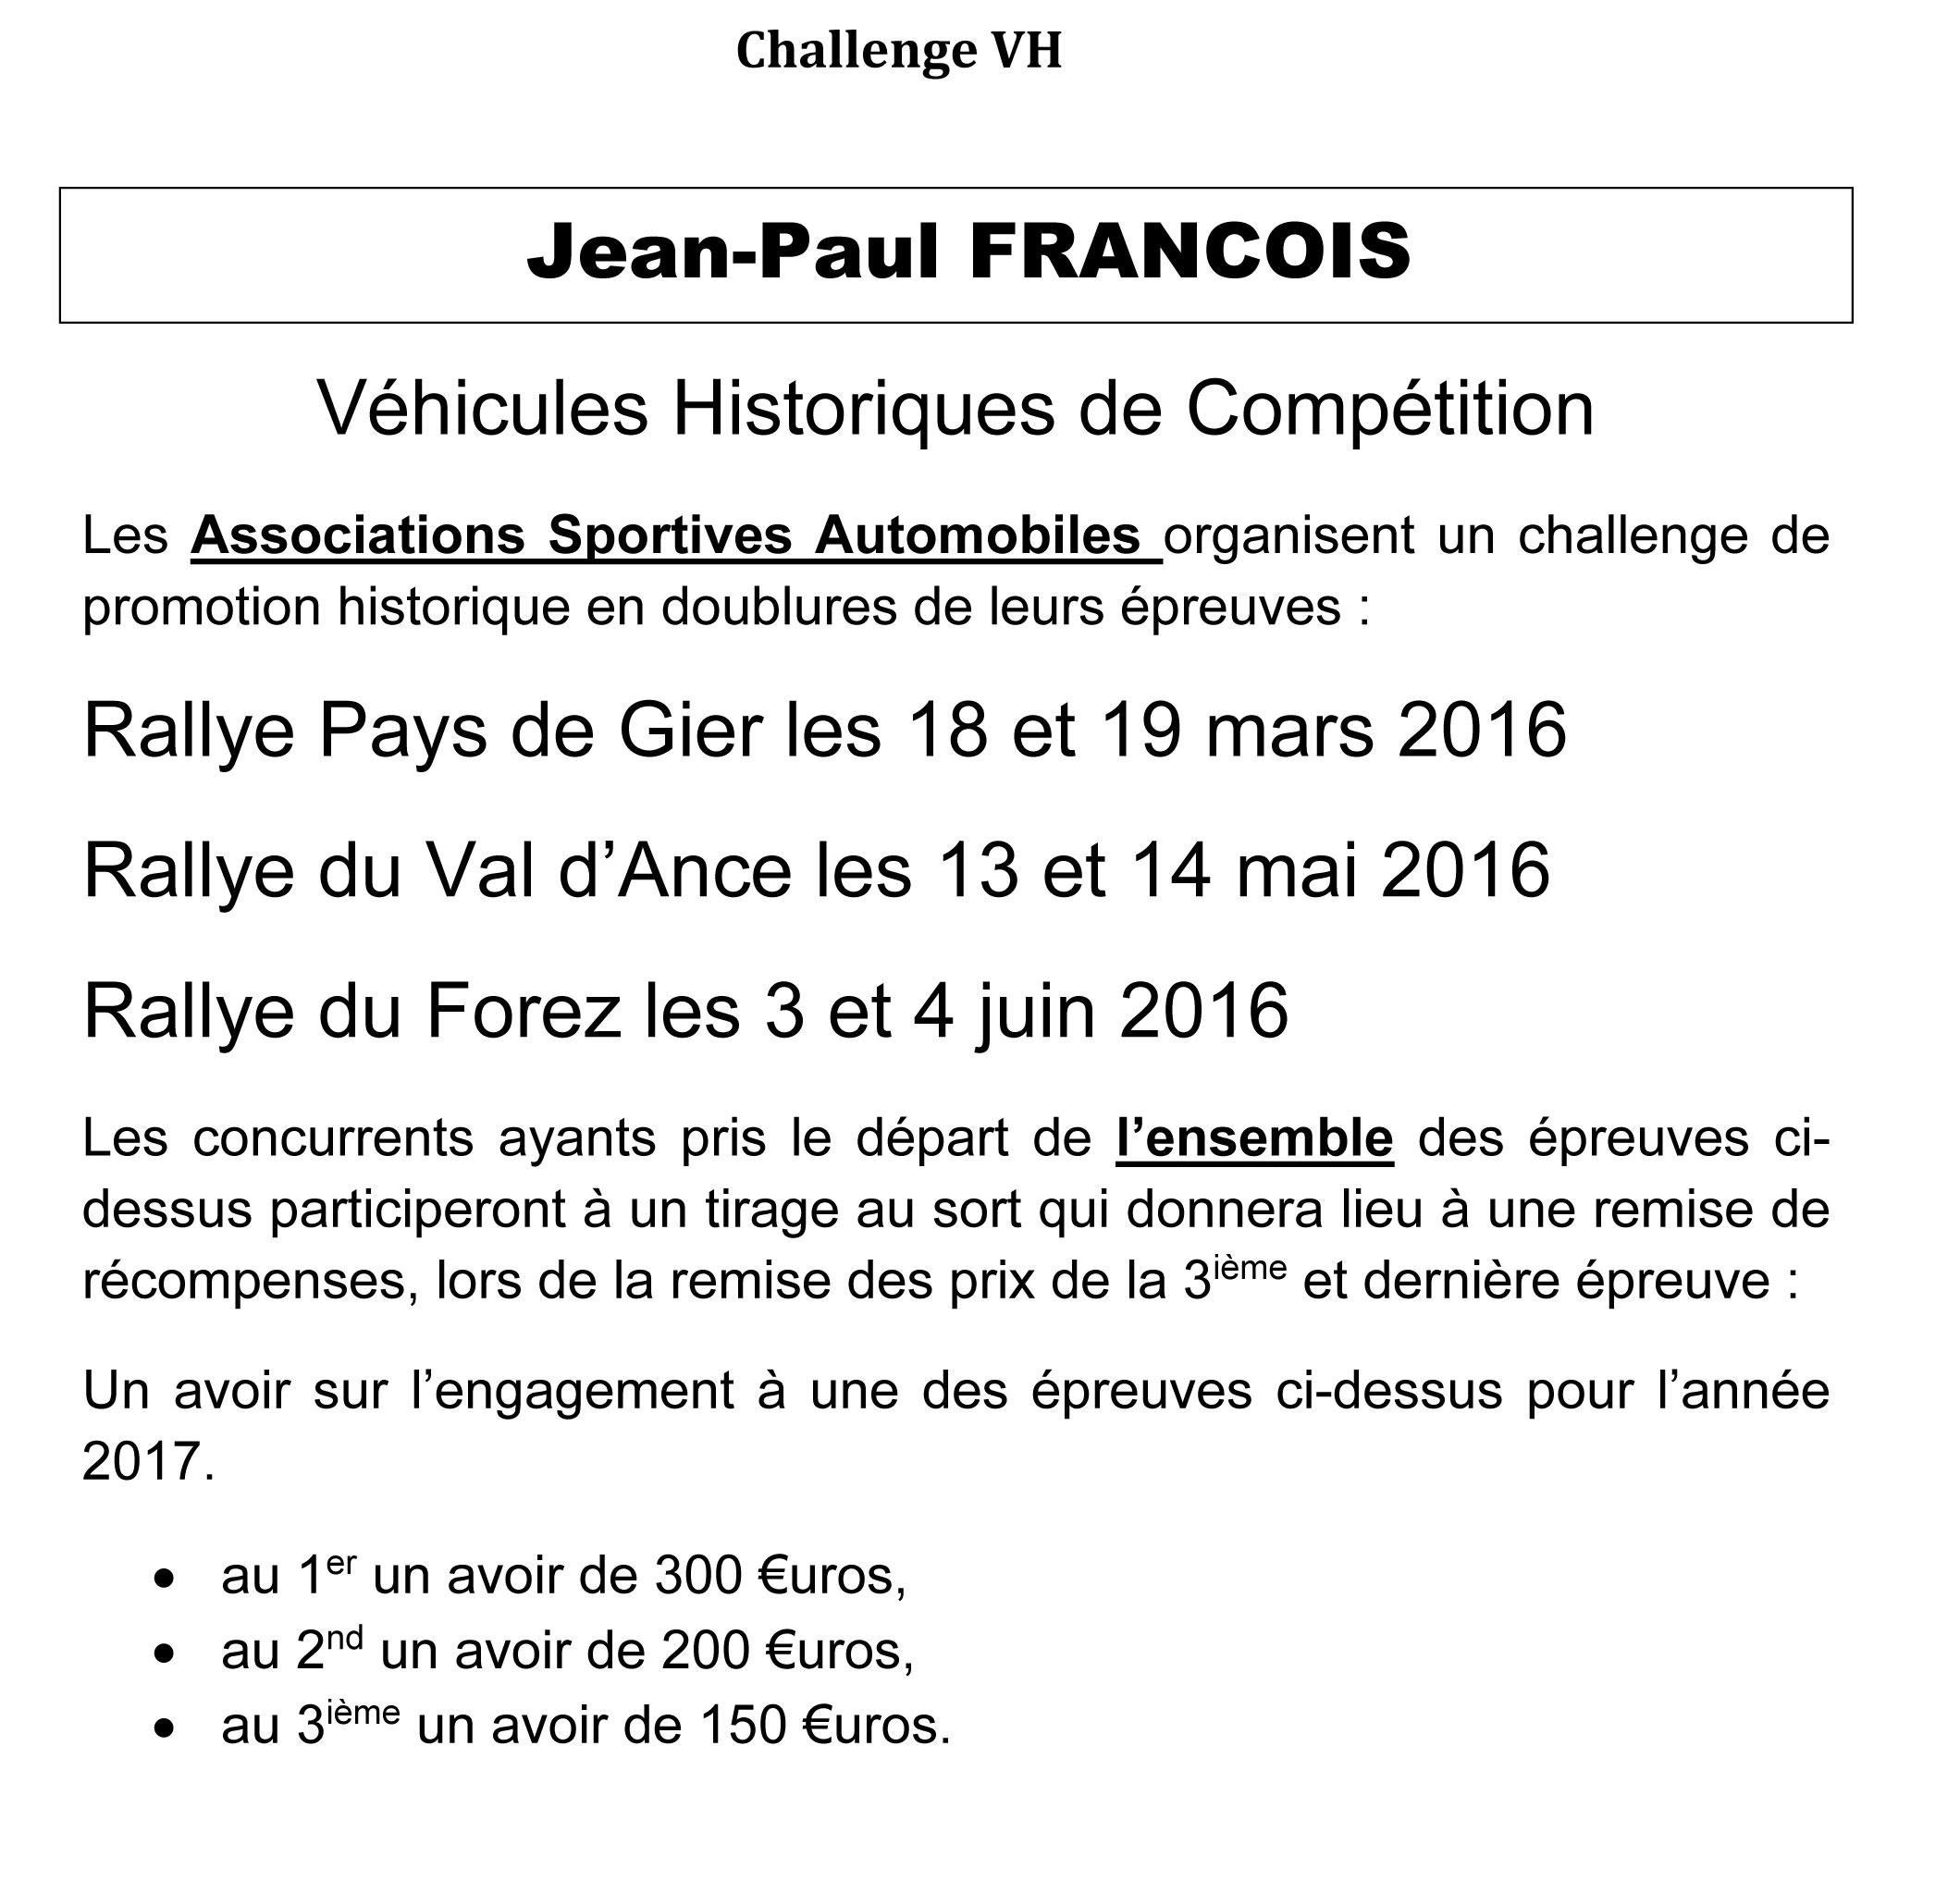 Challenge-Jean-Paul-FRANCOIS-Historique-V1